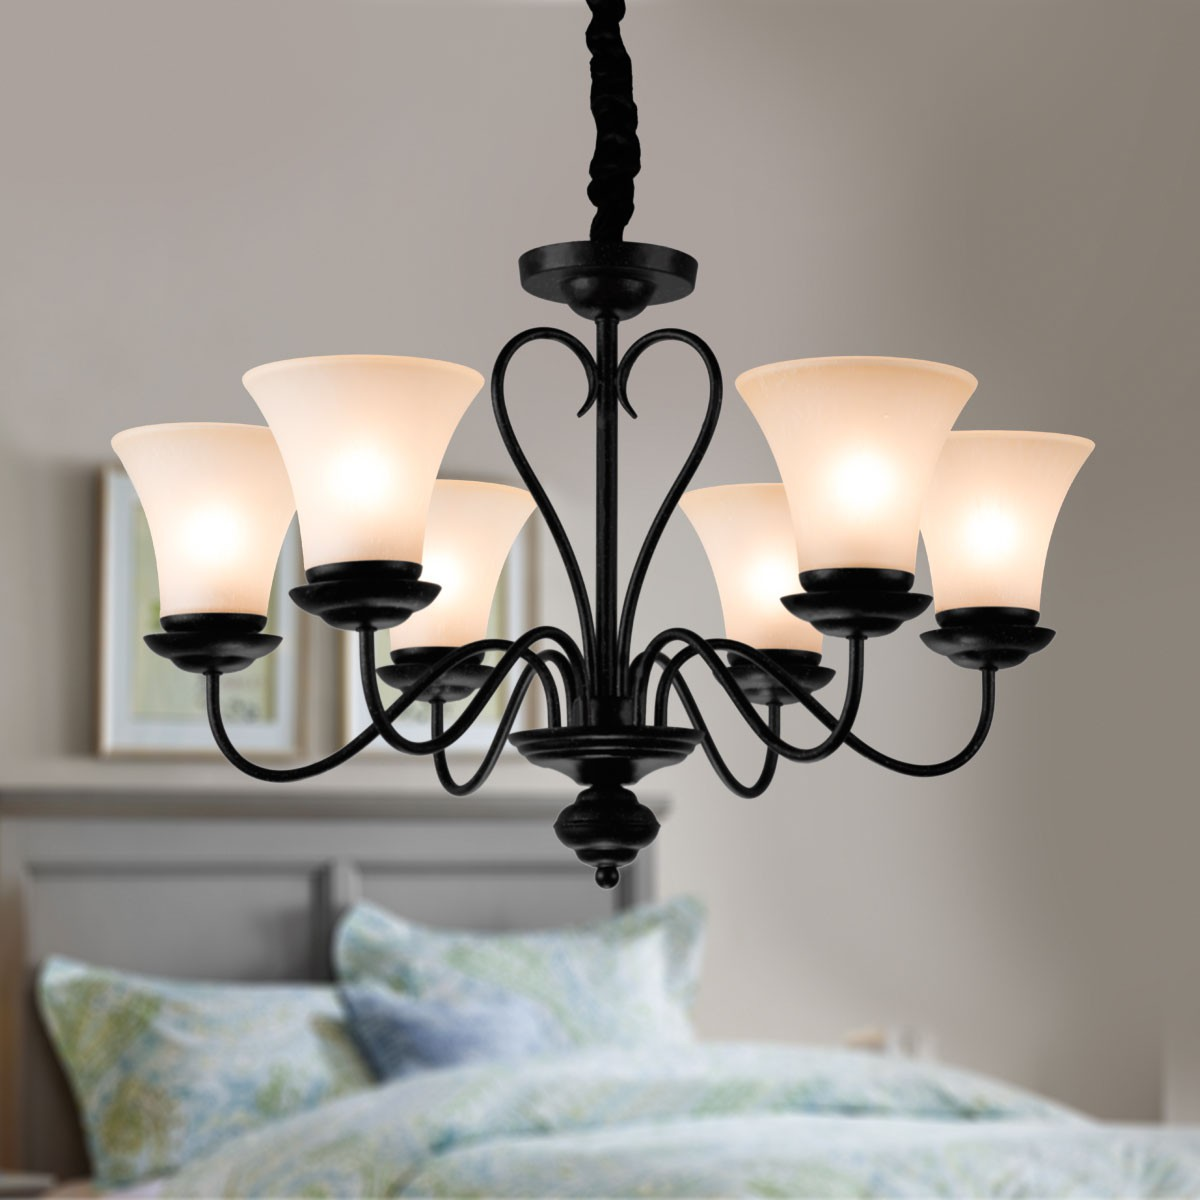 lustre en fer forg avec abat jour en verre 6 ampoules noir dk 2039 6 decoraport canada. Black Bedroom Furniture Sets. Home Design Ideas